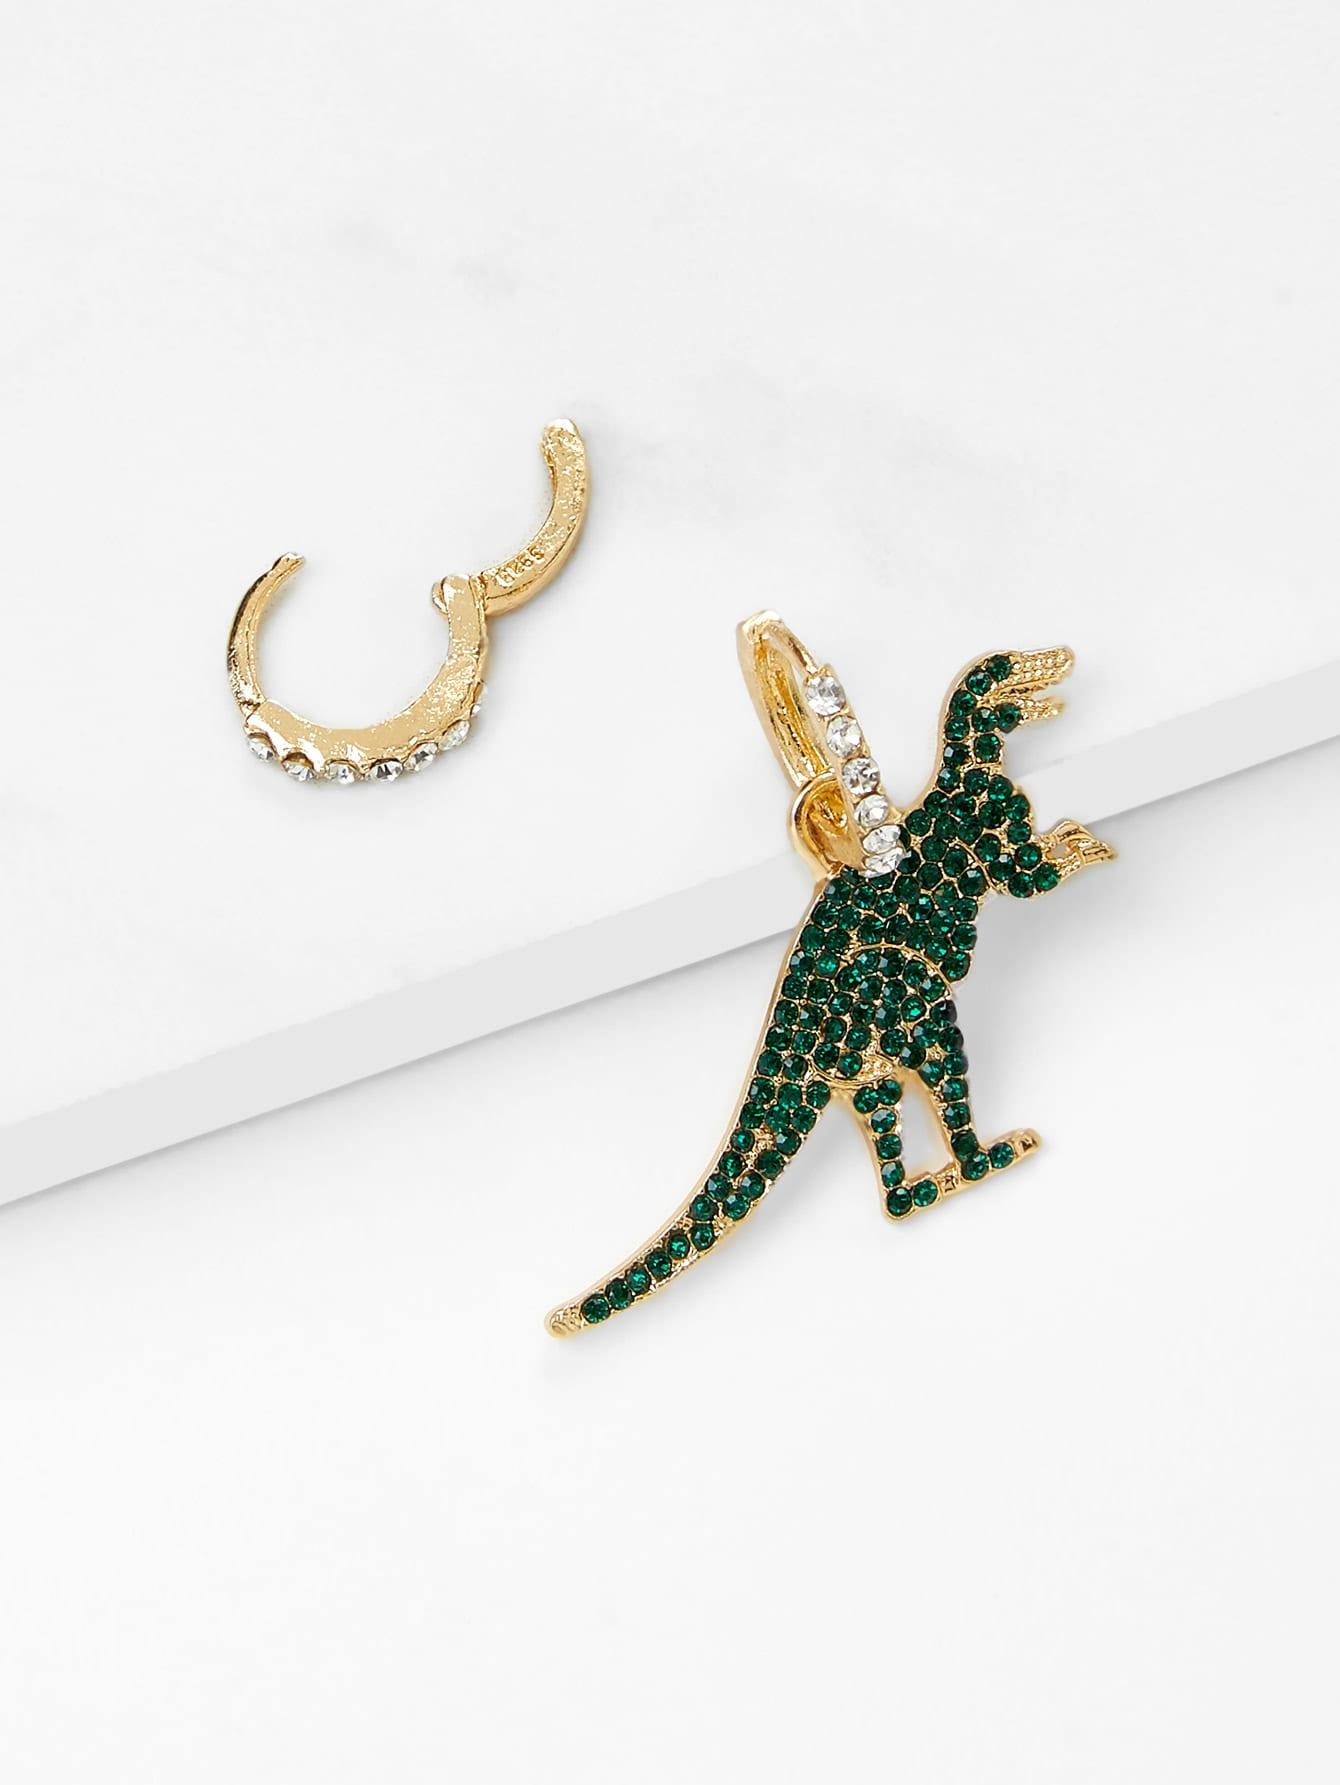 Rhinestone Hoop Earrings With Dinosaur contrast hoop earrings with turquoise